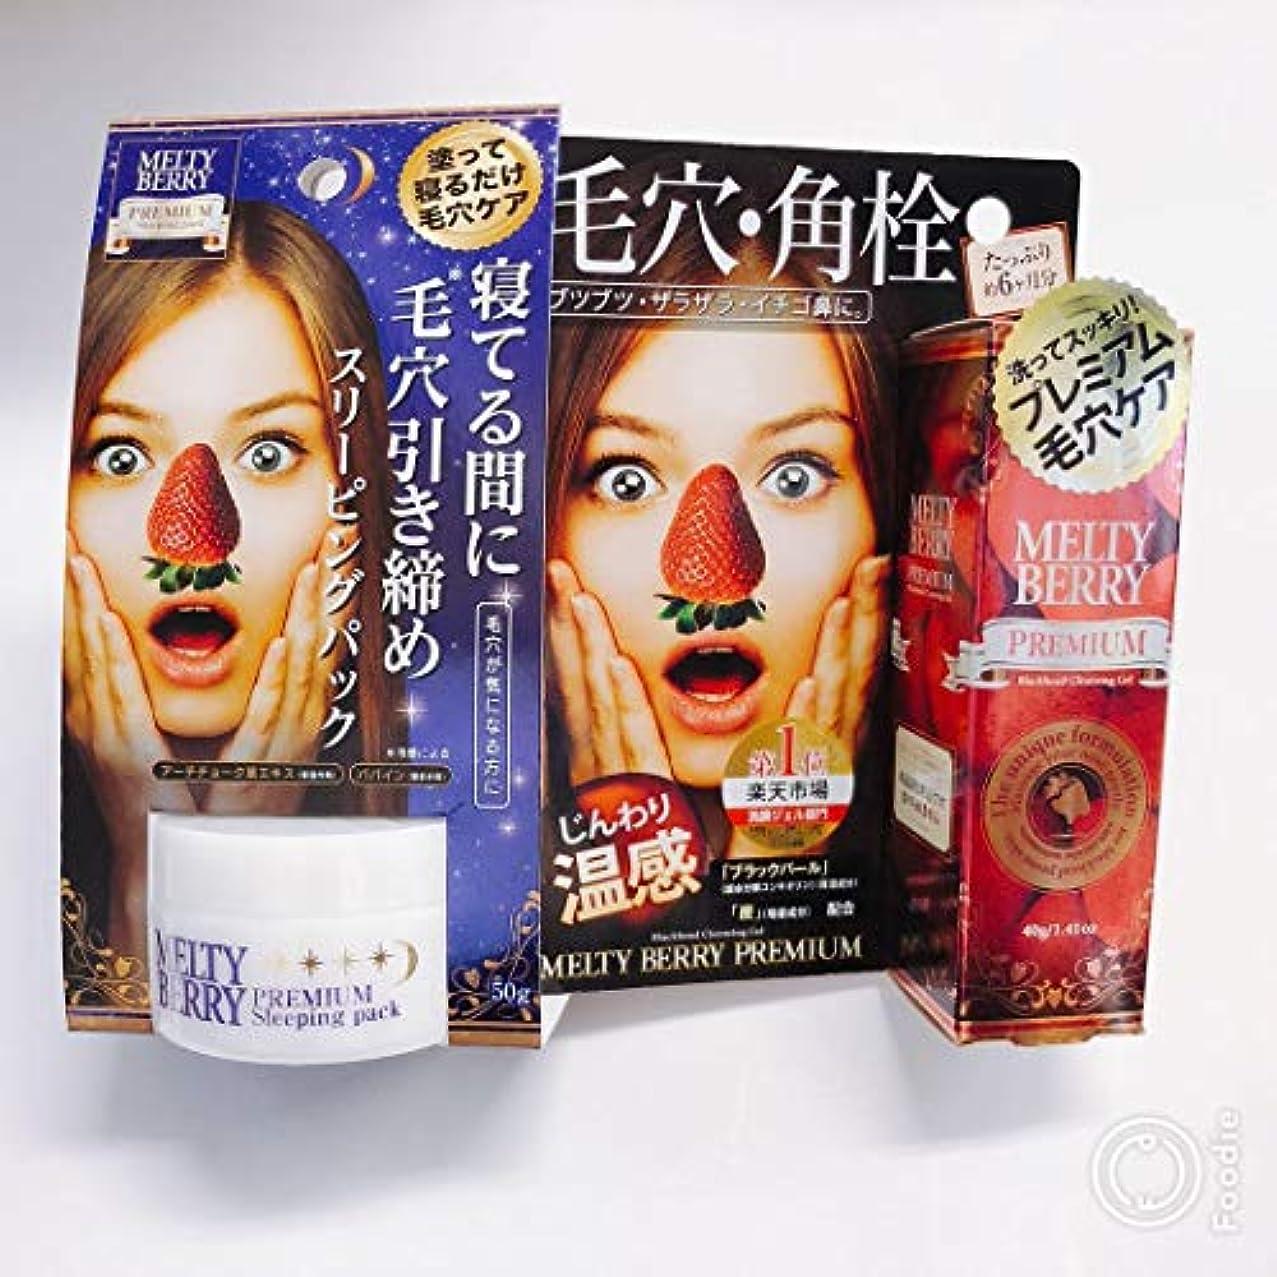 報酬の騒便利メルティベリープレミアム毛穴角栓ジェル+プレミアム スリーピングパック セットMELTY BERRY草莓鼻